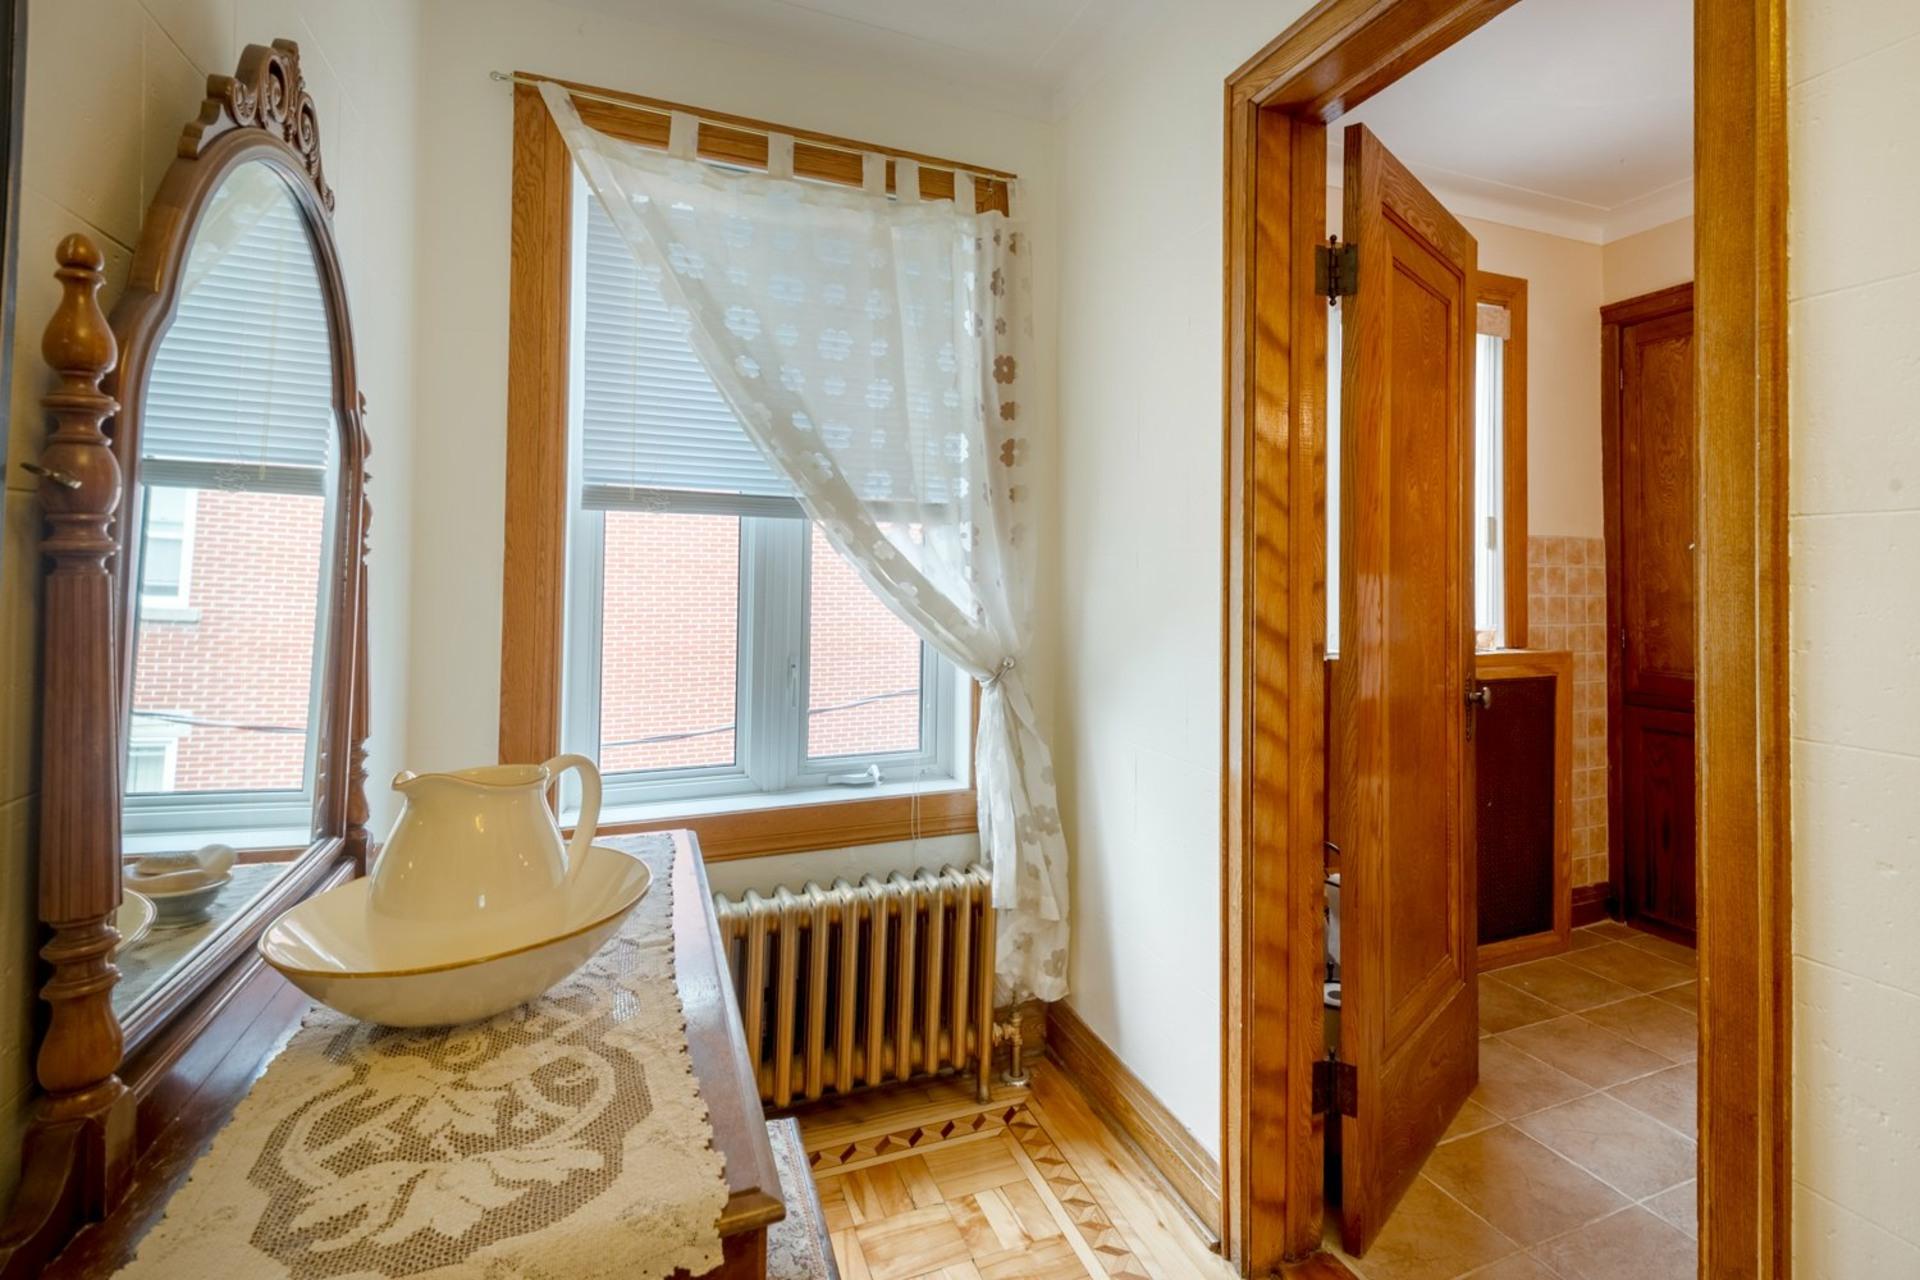 image 16 - Duplex For sale Sainte-Anne-de-Bellevue - 6 rooms